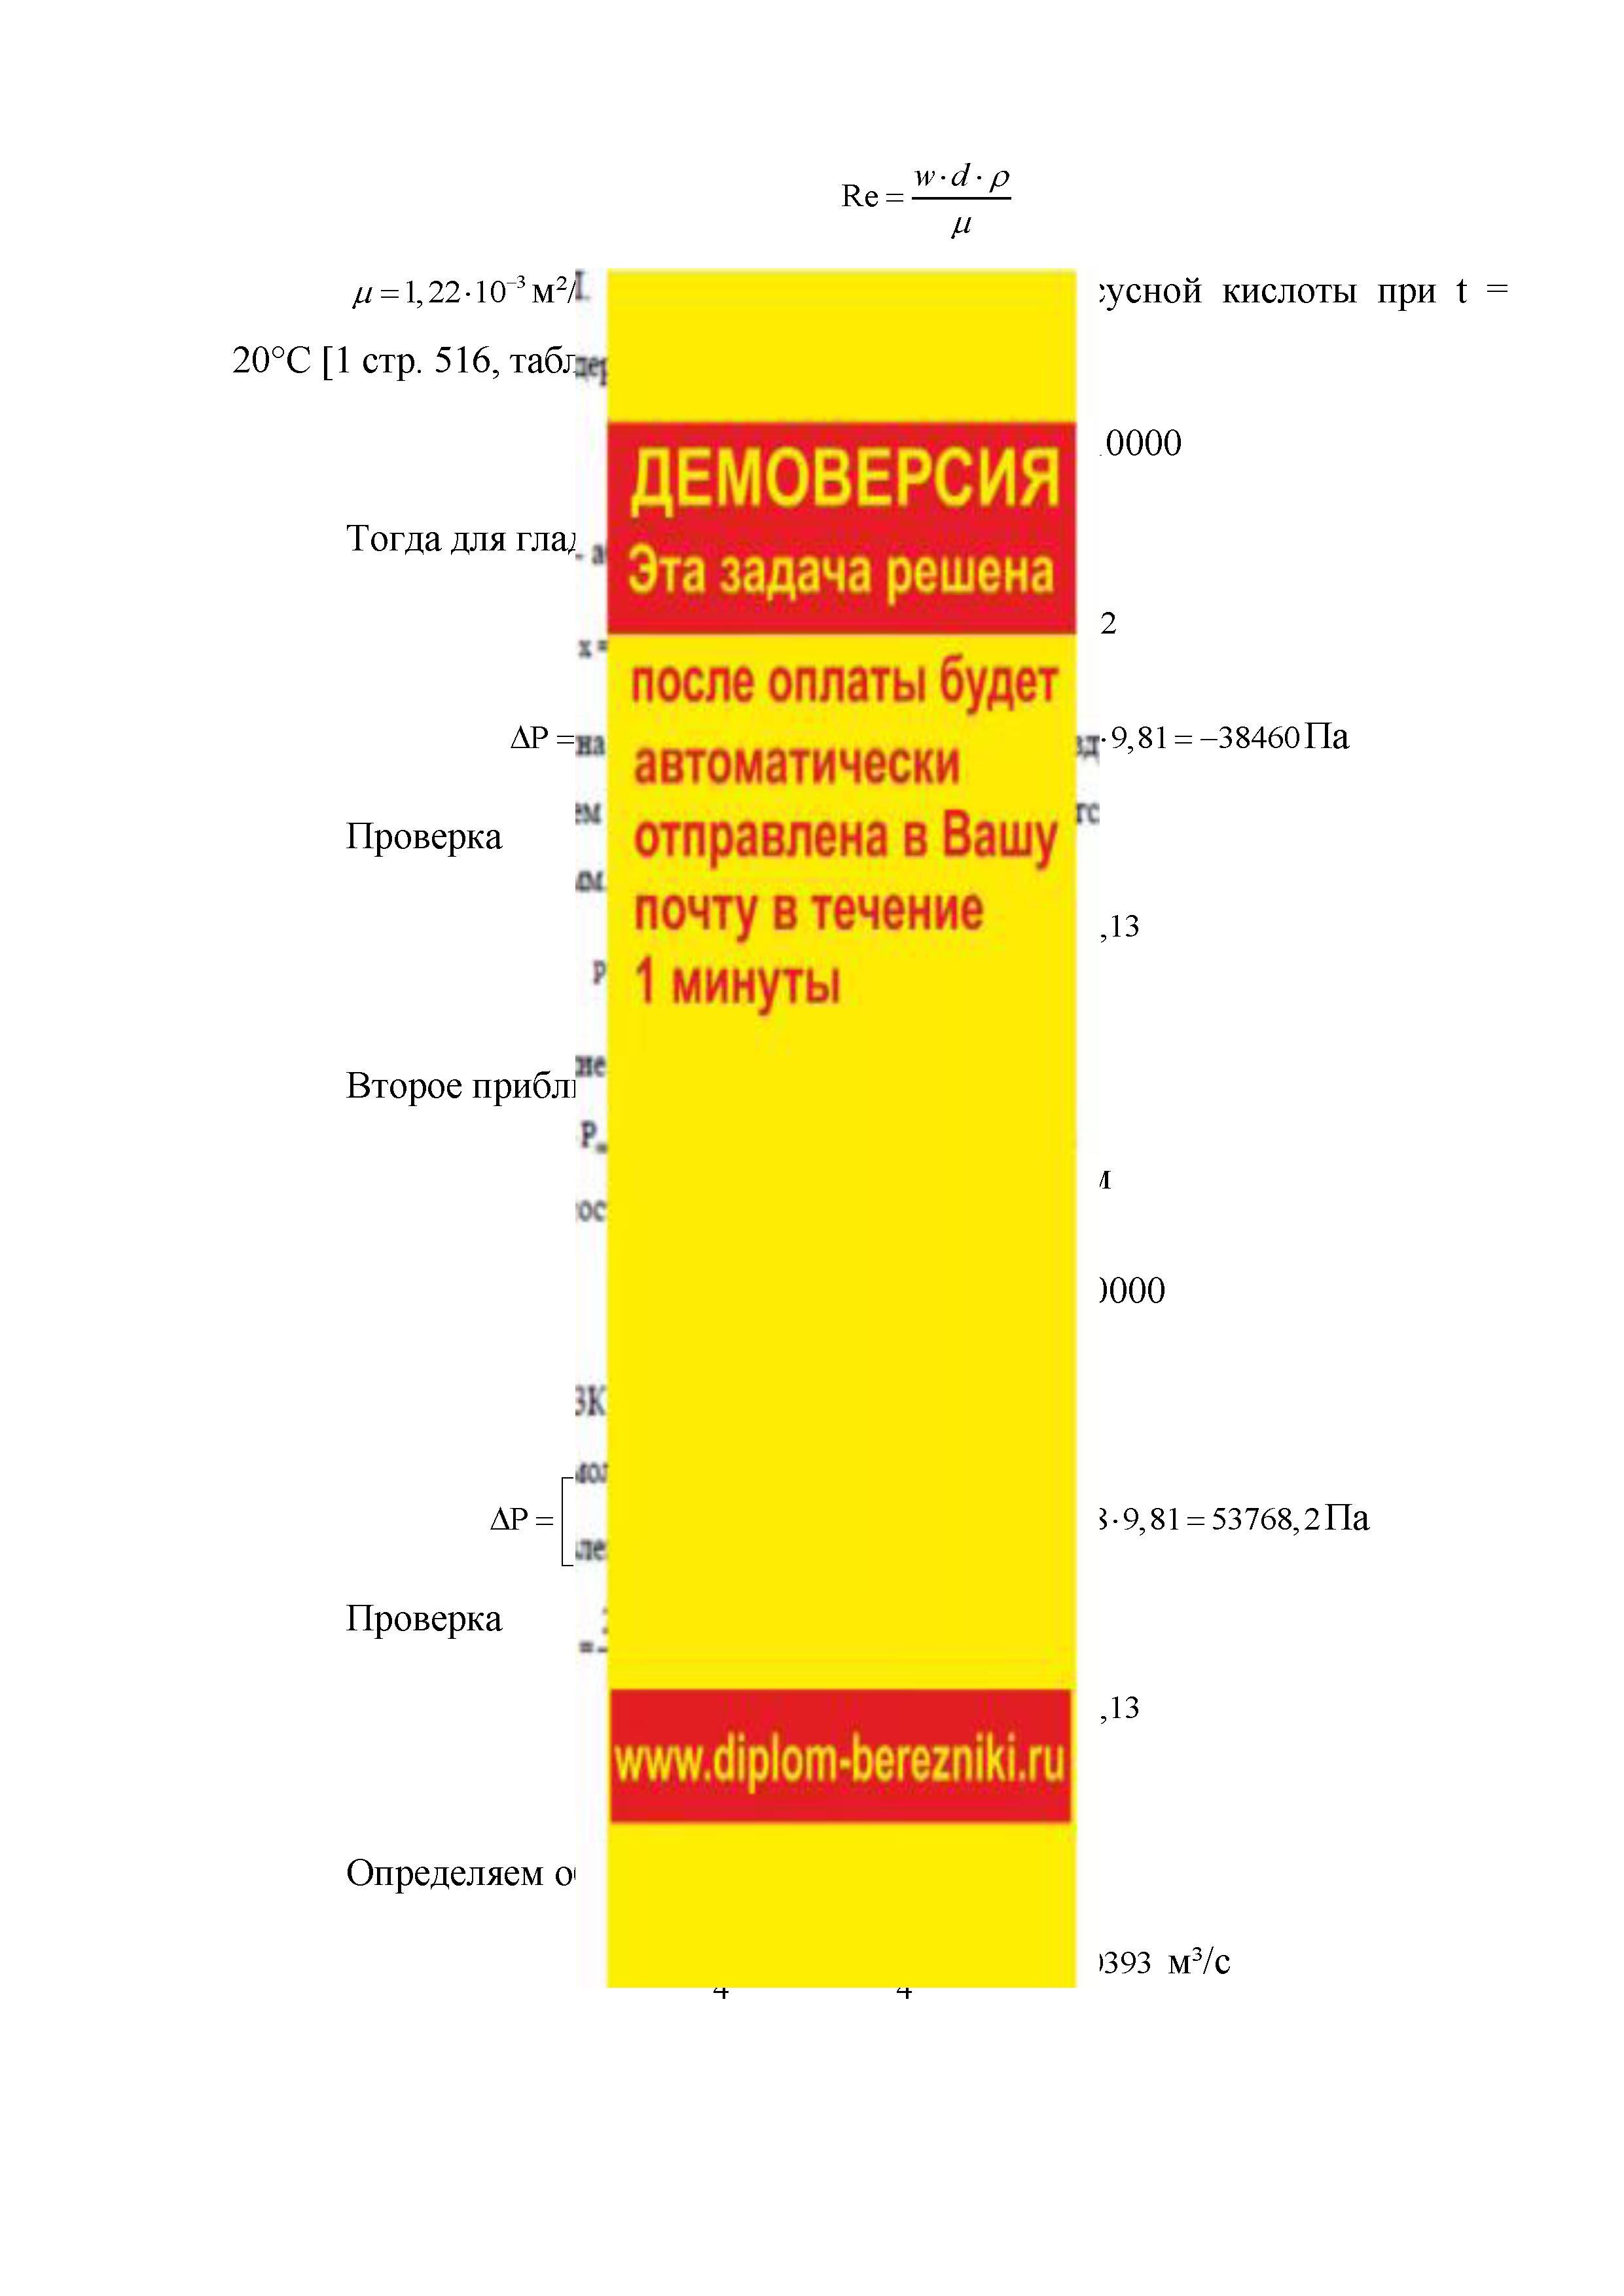 Жидкость при t = 20  перемещается из резервуара 1 в резервуар 2 по трубопроводу с гладкими стенками длиной l и диаметром 6 мм. Разность уровней в резервуарах h1 – h2 = h  м, разность давлений Р1 – Р2 = Р Па